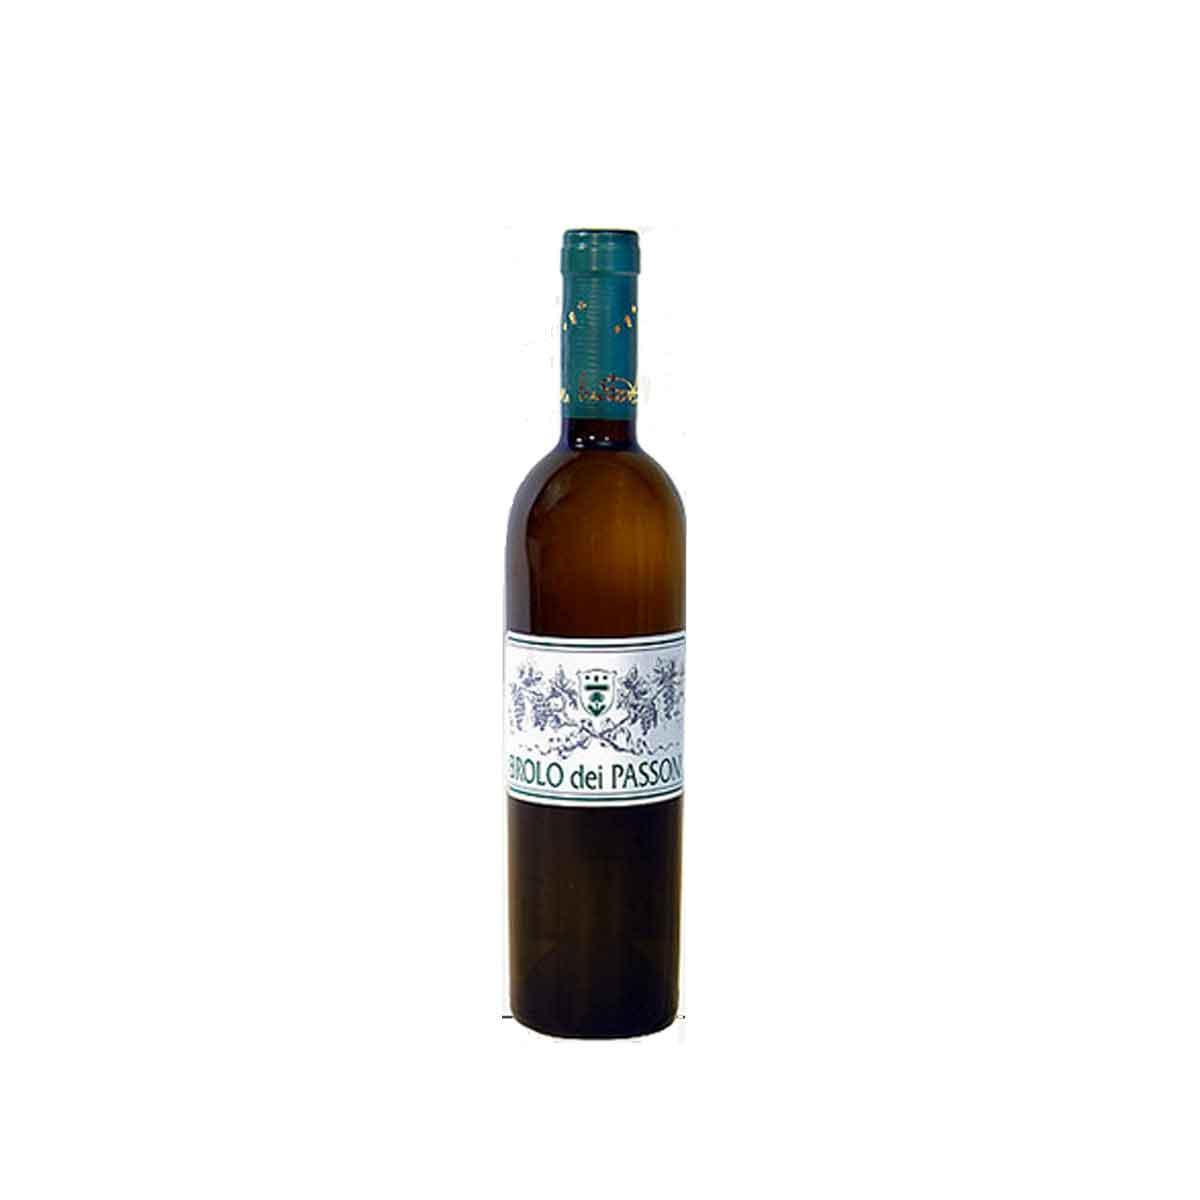 Brolo dei Passoni Chardonnay Passito Sebino - Ricci Curbastro